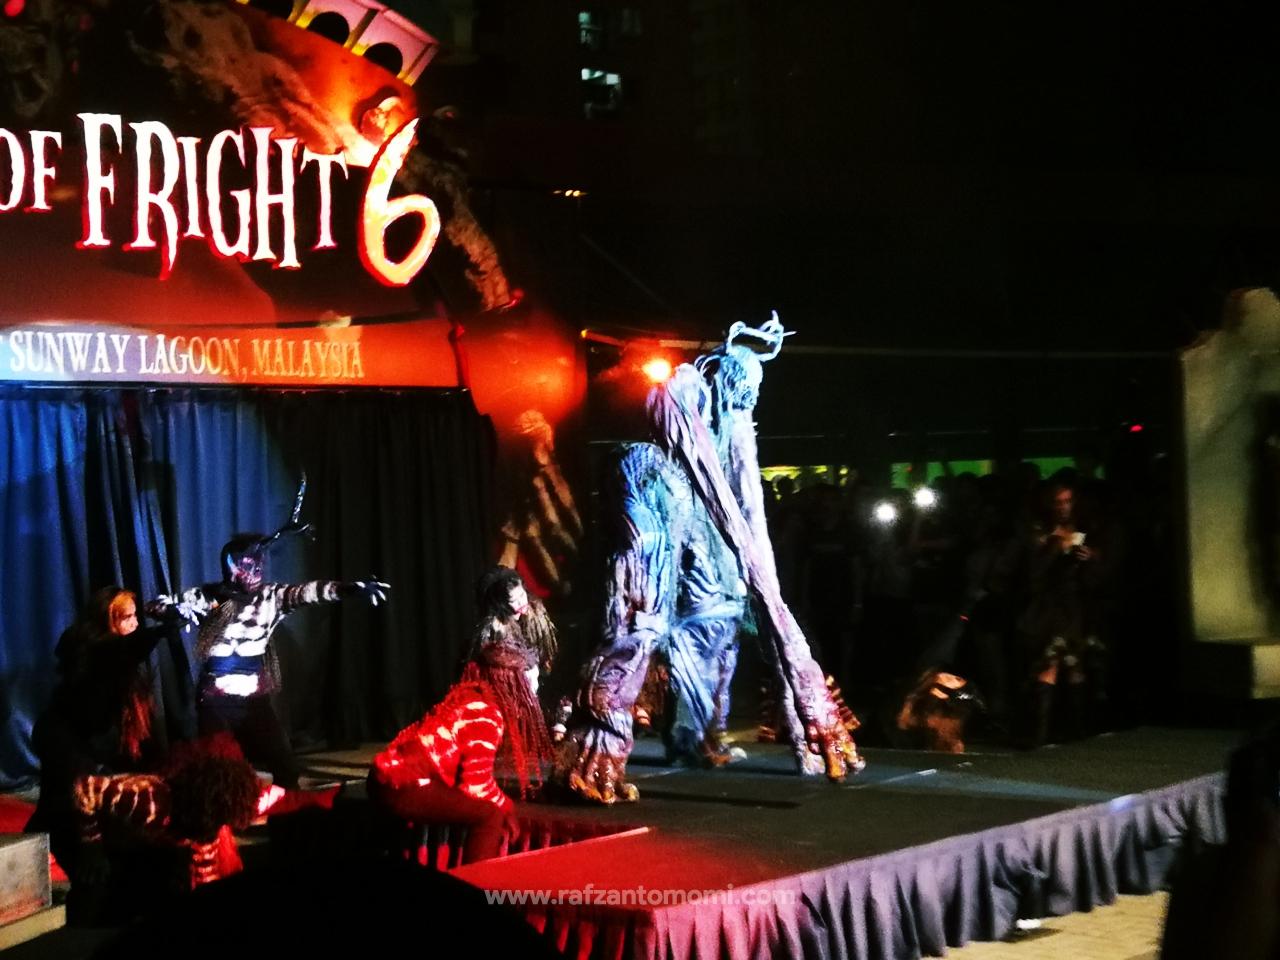 Pengalaman Ke Night Of Fright 6, Sunway Lagoon